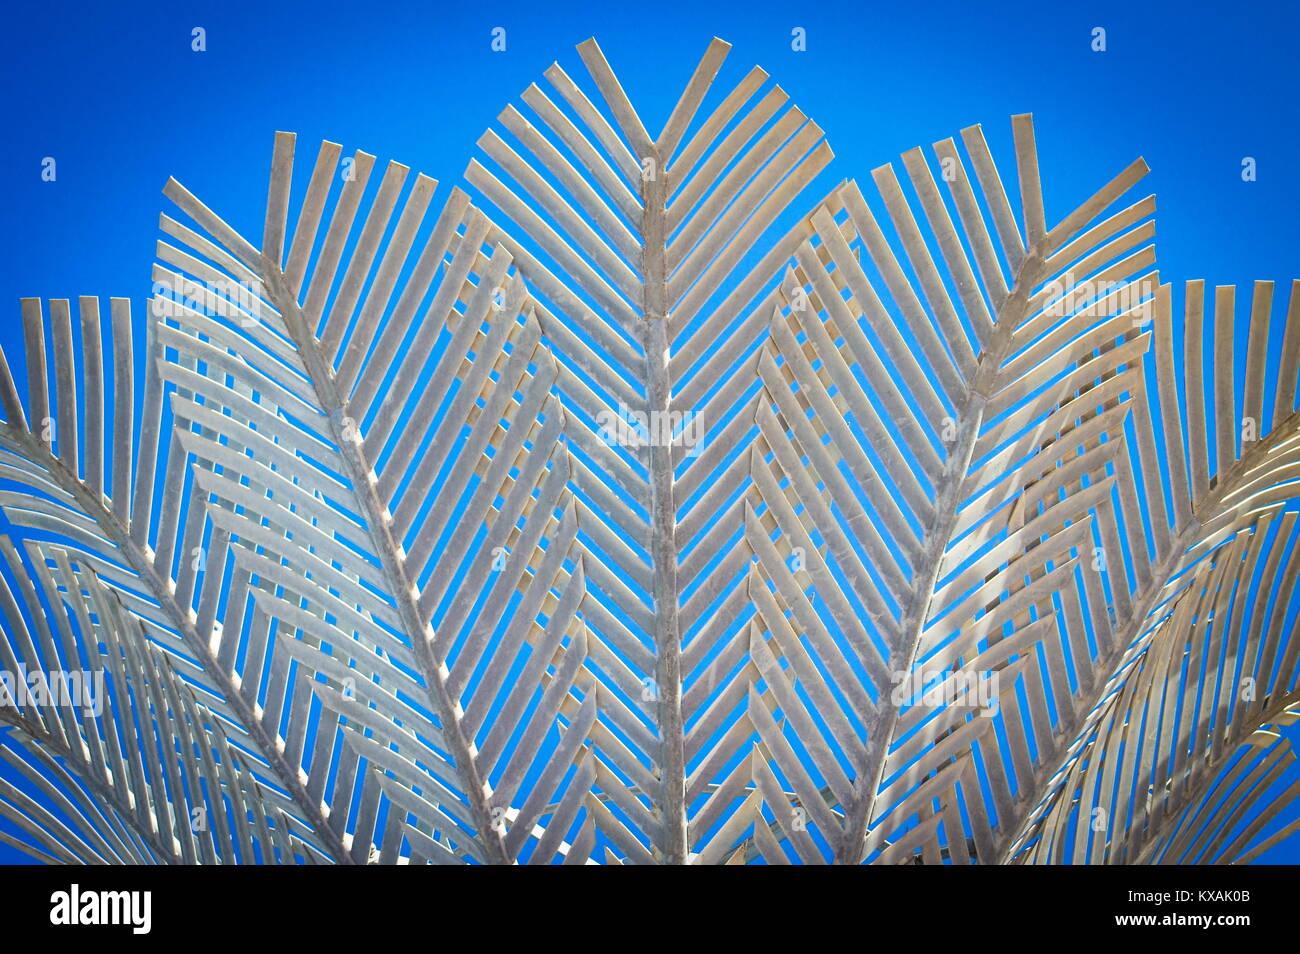 Wellington, New Zealand - 28 September 2015: Nikau is one of fifteen stylised nikau palm trees designed by architect - Stock Image